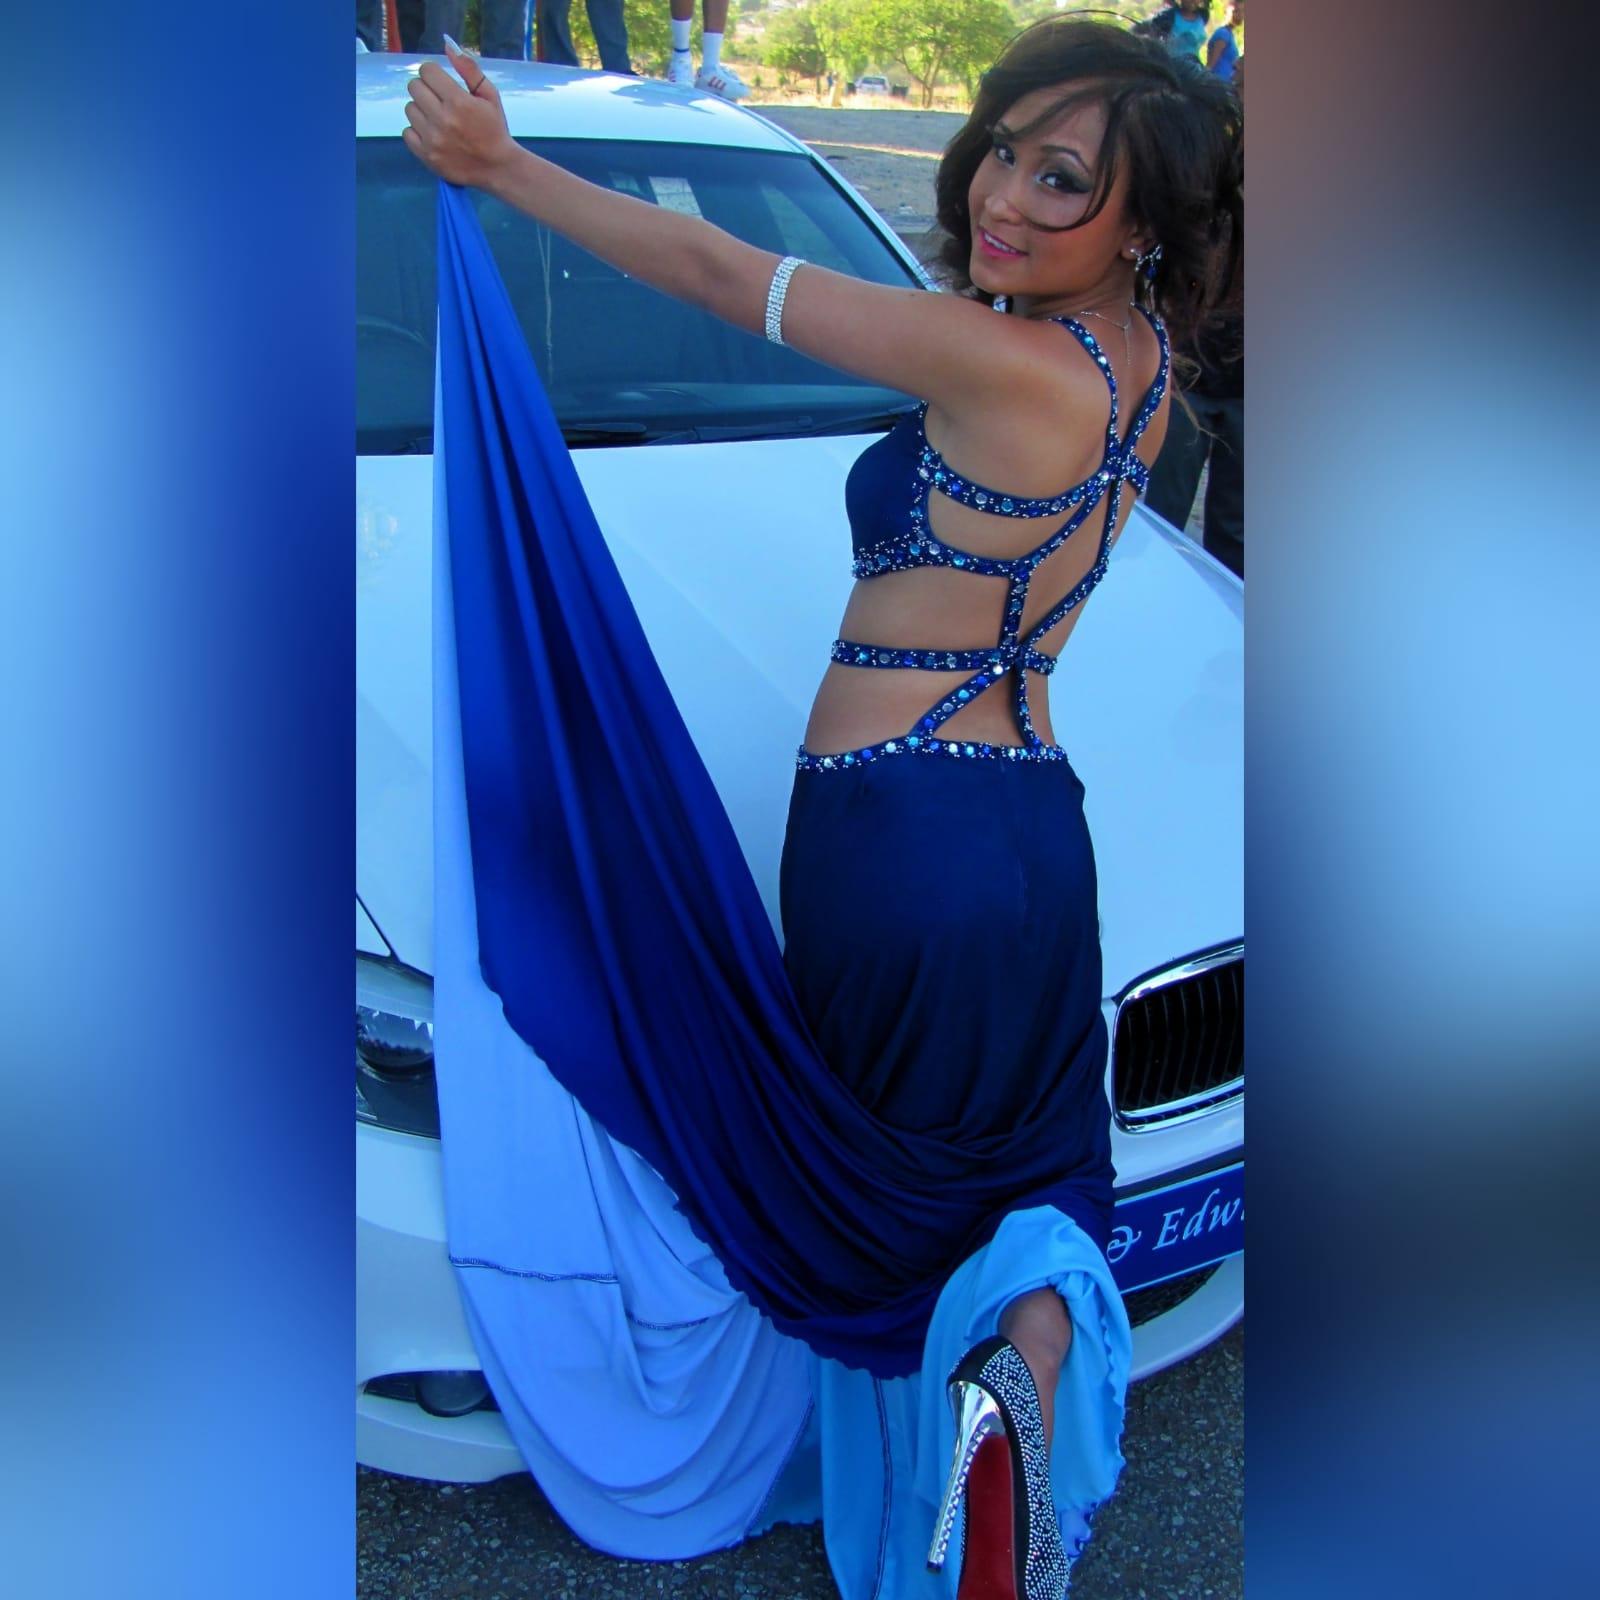 Vestido de finalista sexy azul com pedras 2 vestido de finalista sexy azul com pedras. Com uma racha e uma cauda. Com aberturas na barriga e nas costas detalhadas com pedras prateadas, azuis e turquesa. Vestido com vários tons de azul.